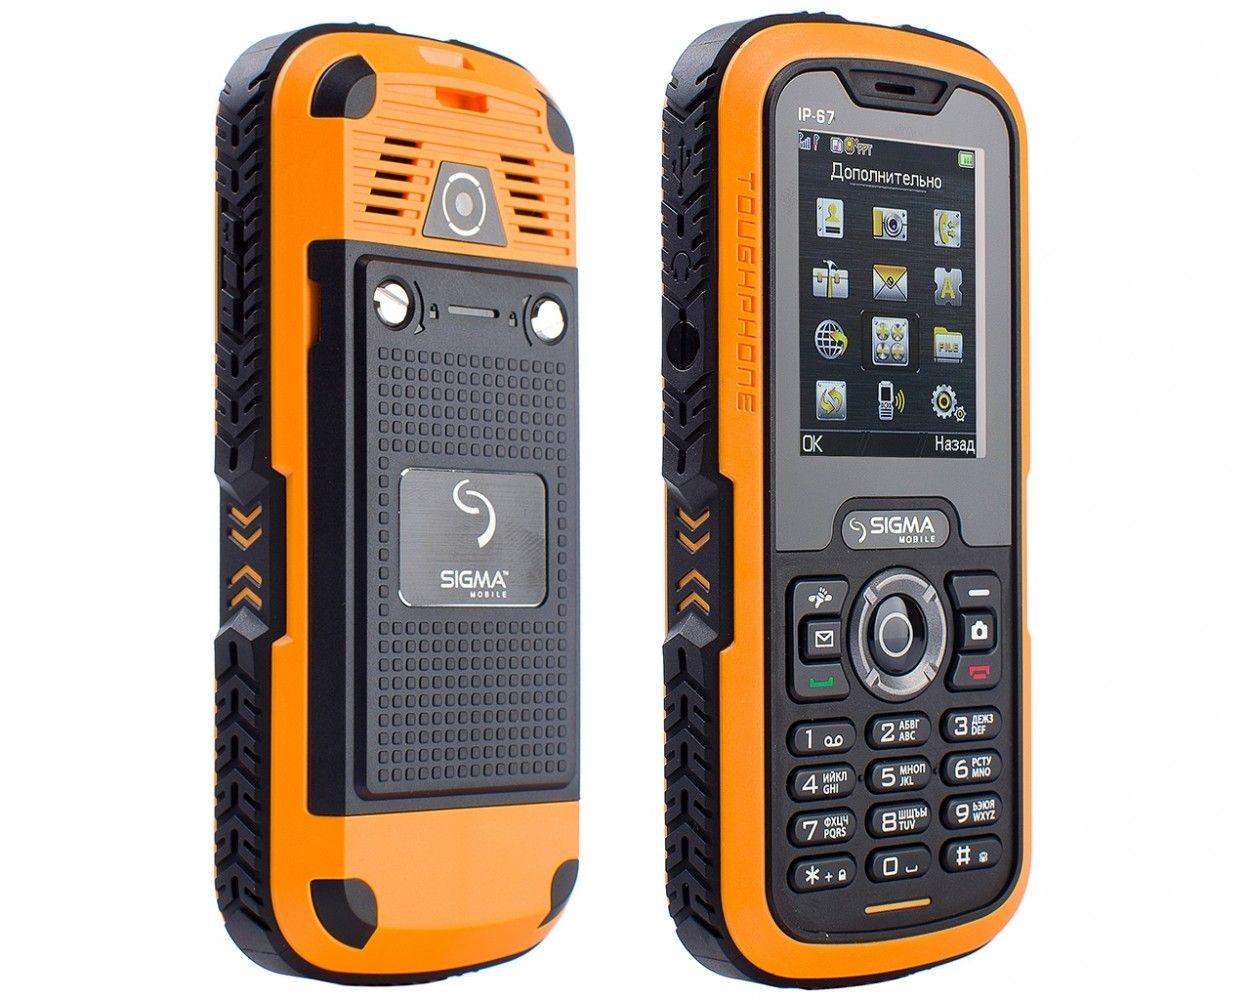 Мобильный телефон Sigma mobile X-treme IP67 Black Orange - 2